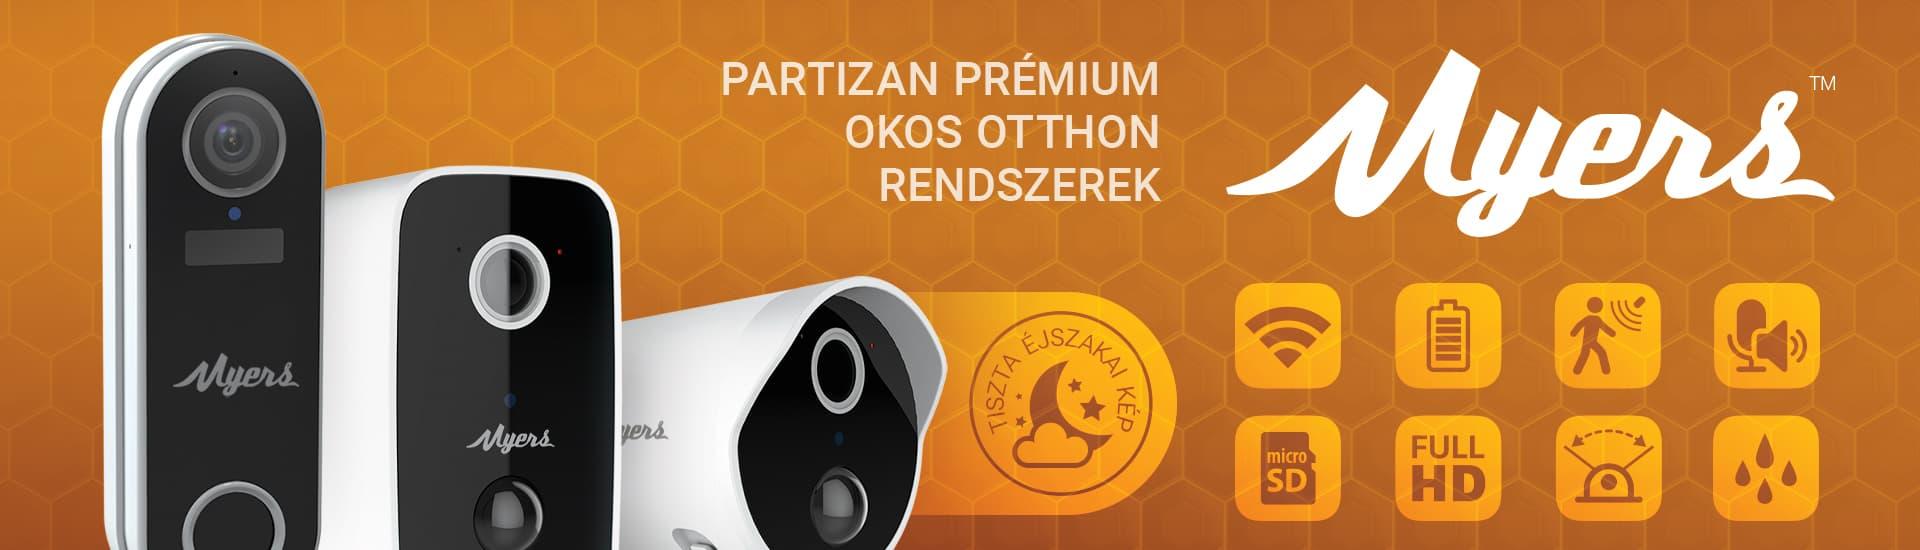 Partizan-Myers